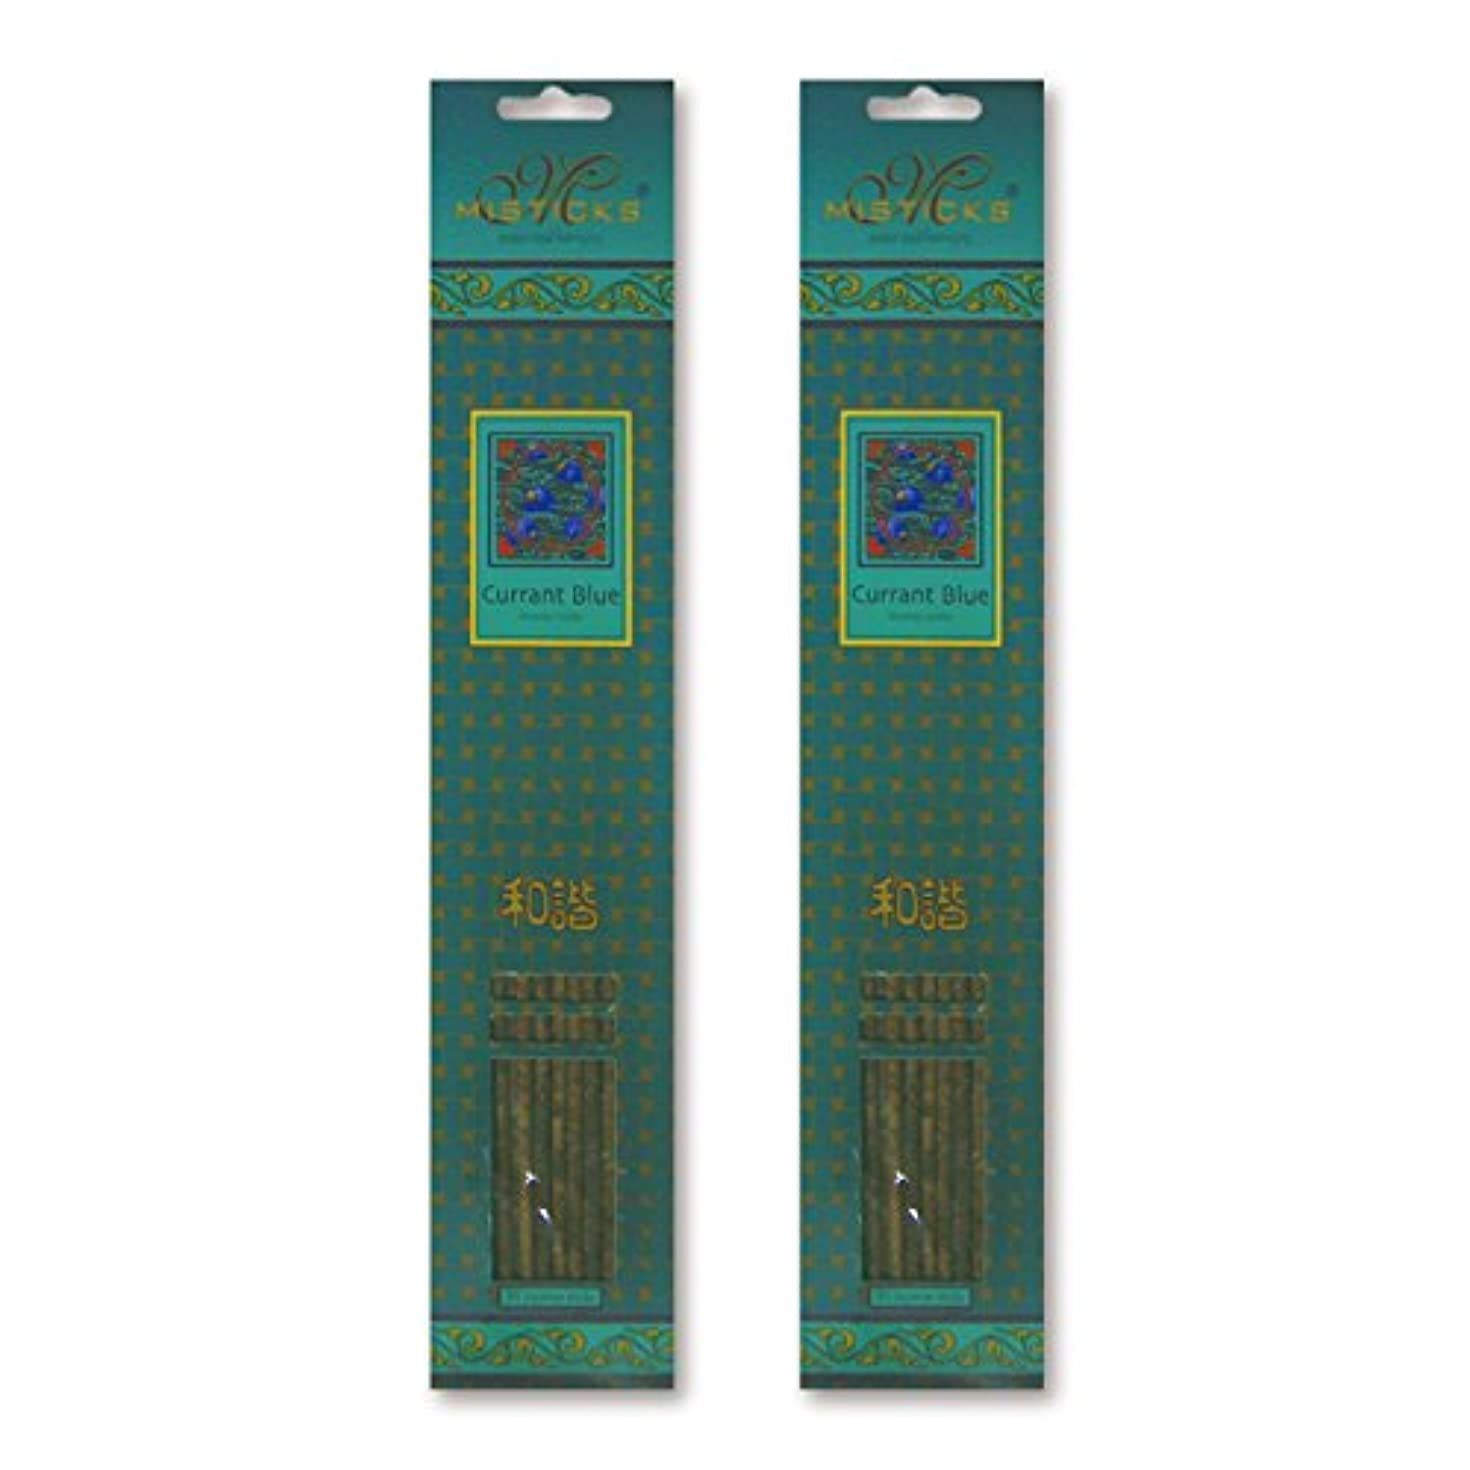 超越するインスタント乱雑なMISTICKS ミスティックス Currant Blue カラントブルー お香 20本 X 2パック (40本)